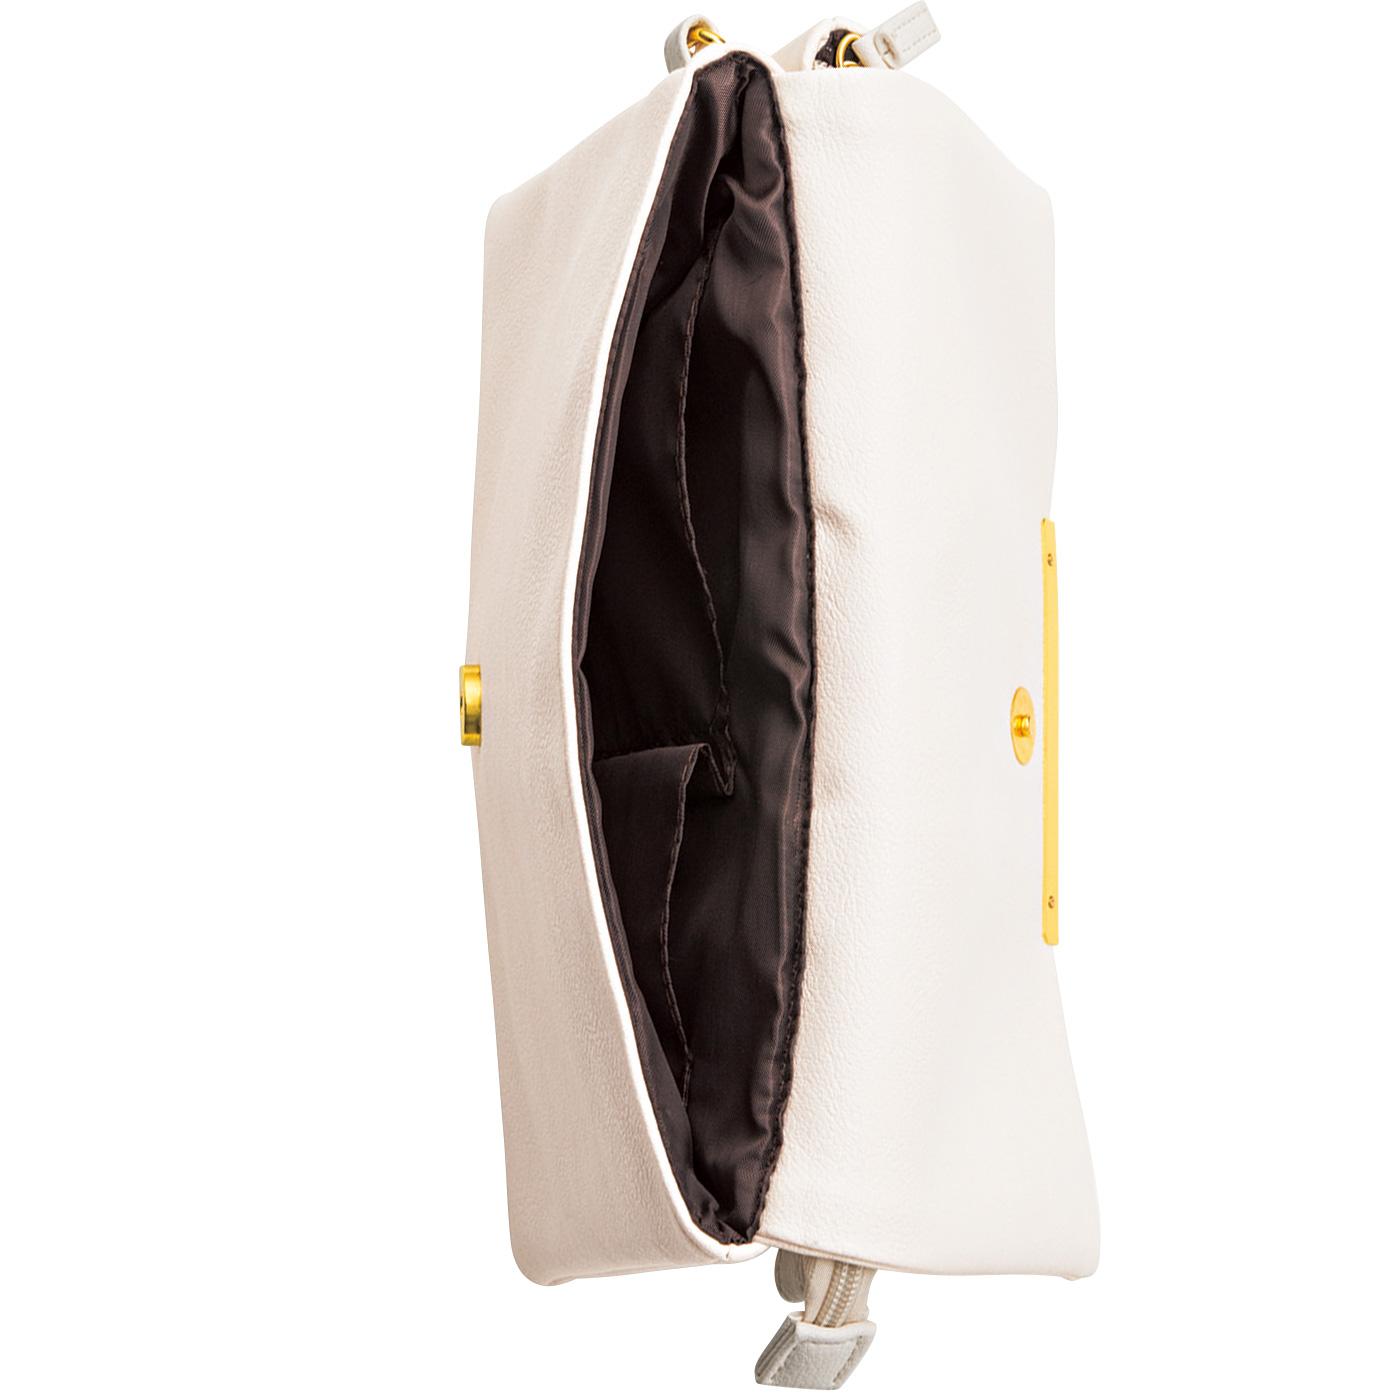 フラップポケット側には内ポケットがひとつ。